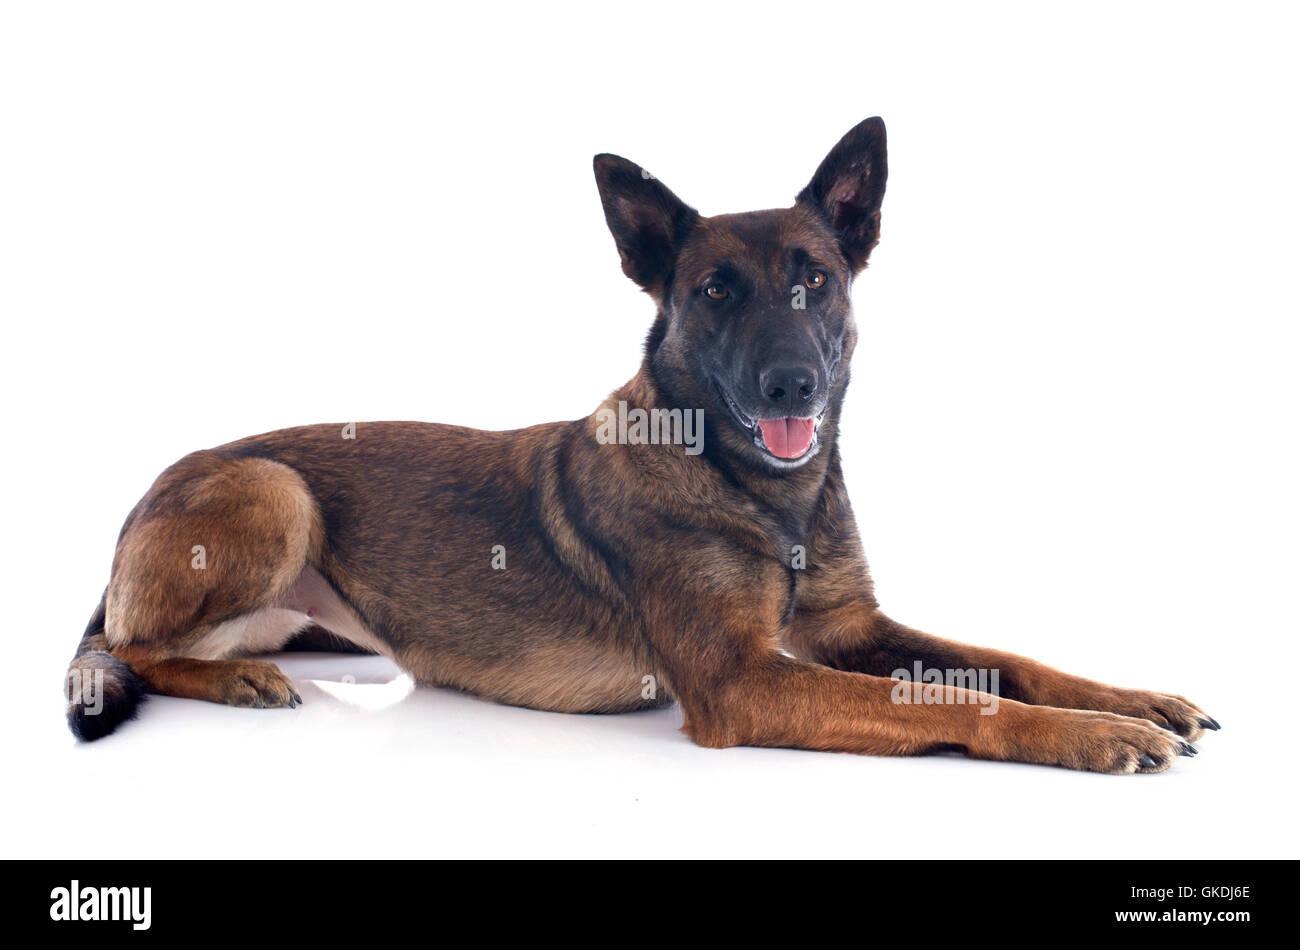 dog beautiful beauteously - Stock Image